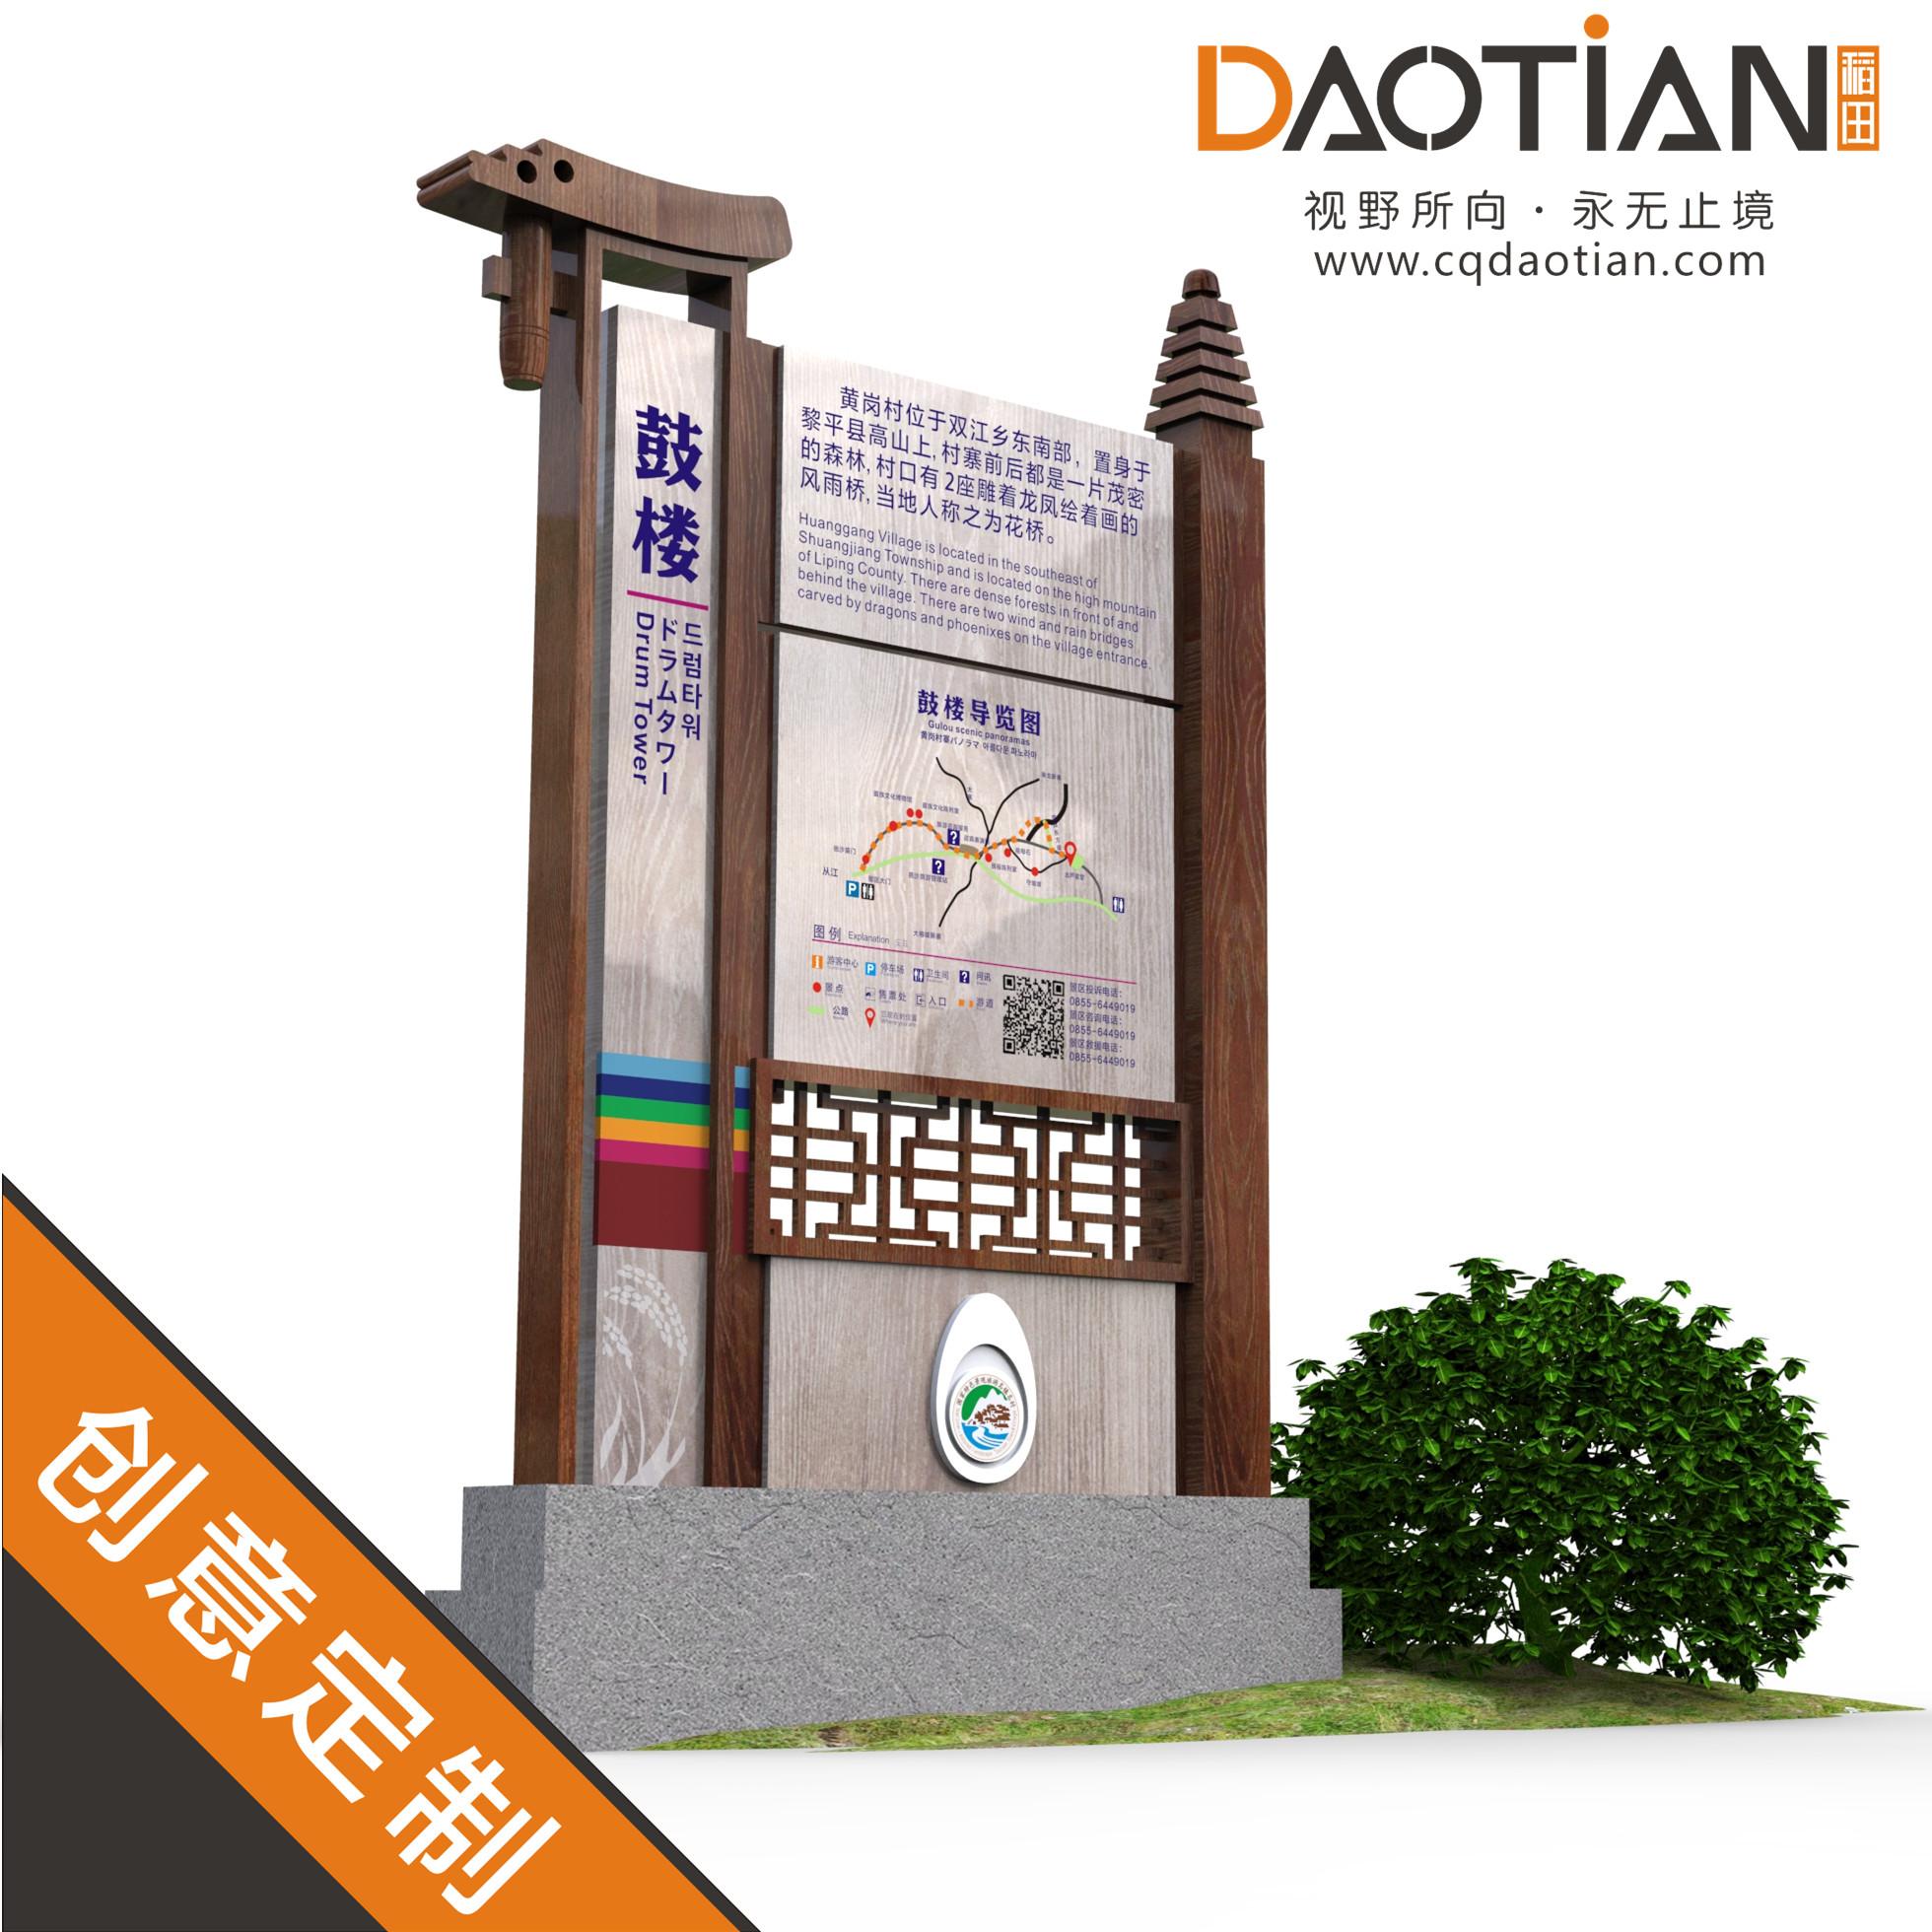 重庆稻田贵州黄岗侗寨标识设计案例